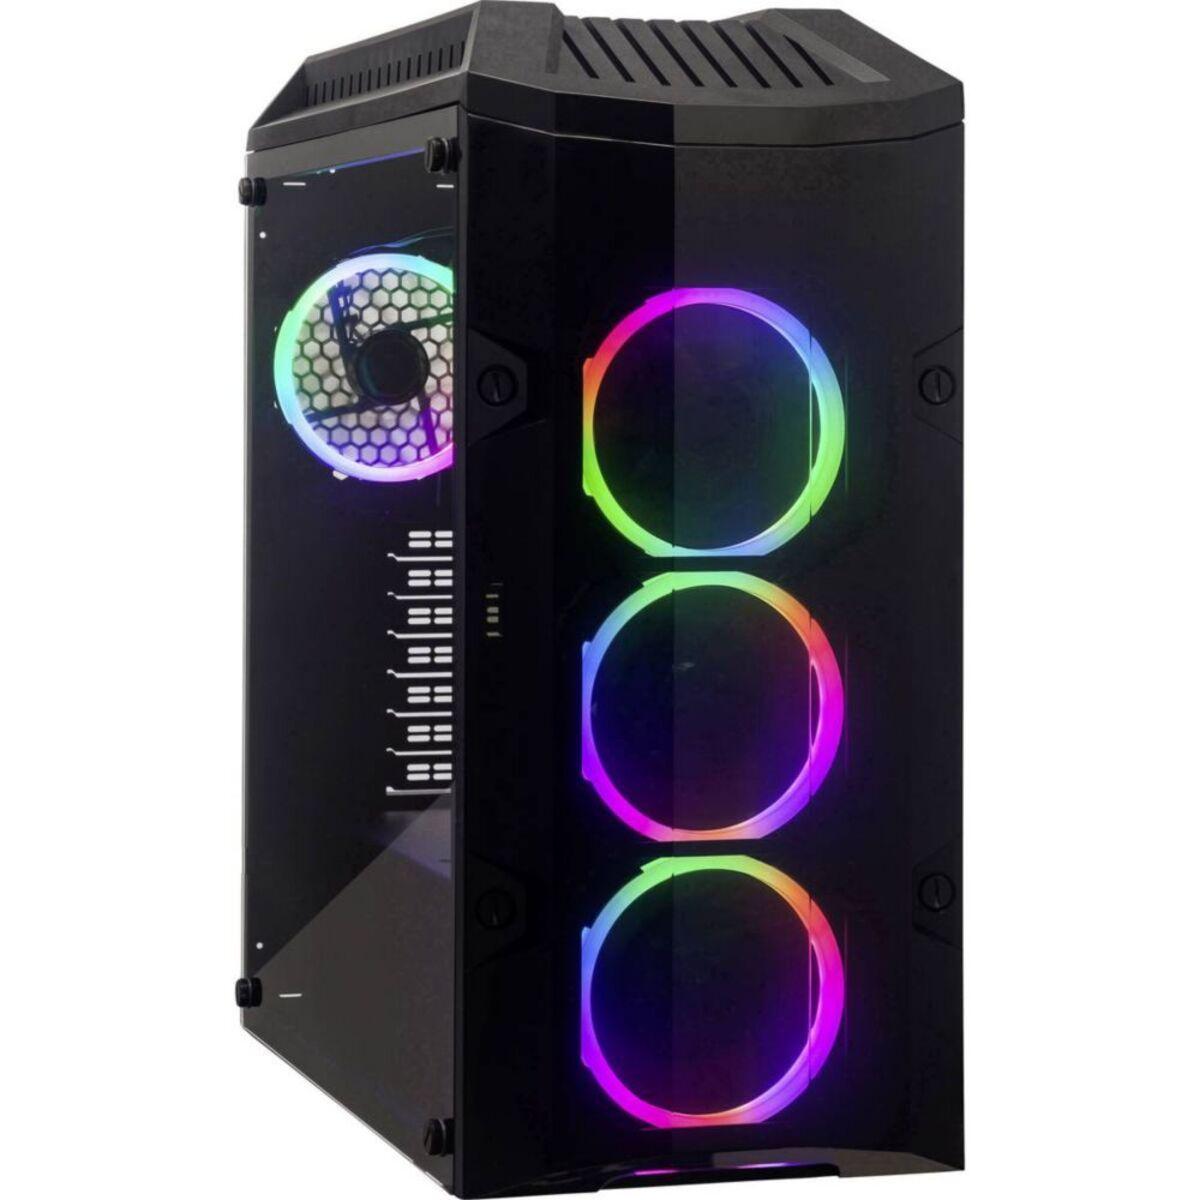 Bild 1 von Joy-IT Gaming AMD Ryzen3-2200 ONE